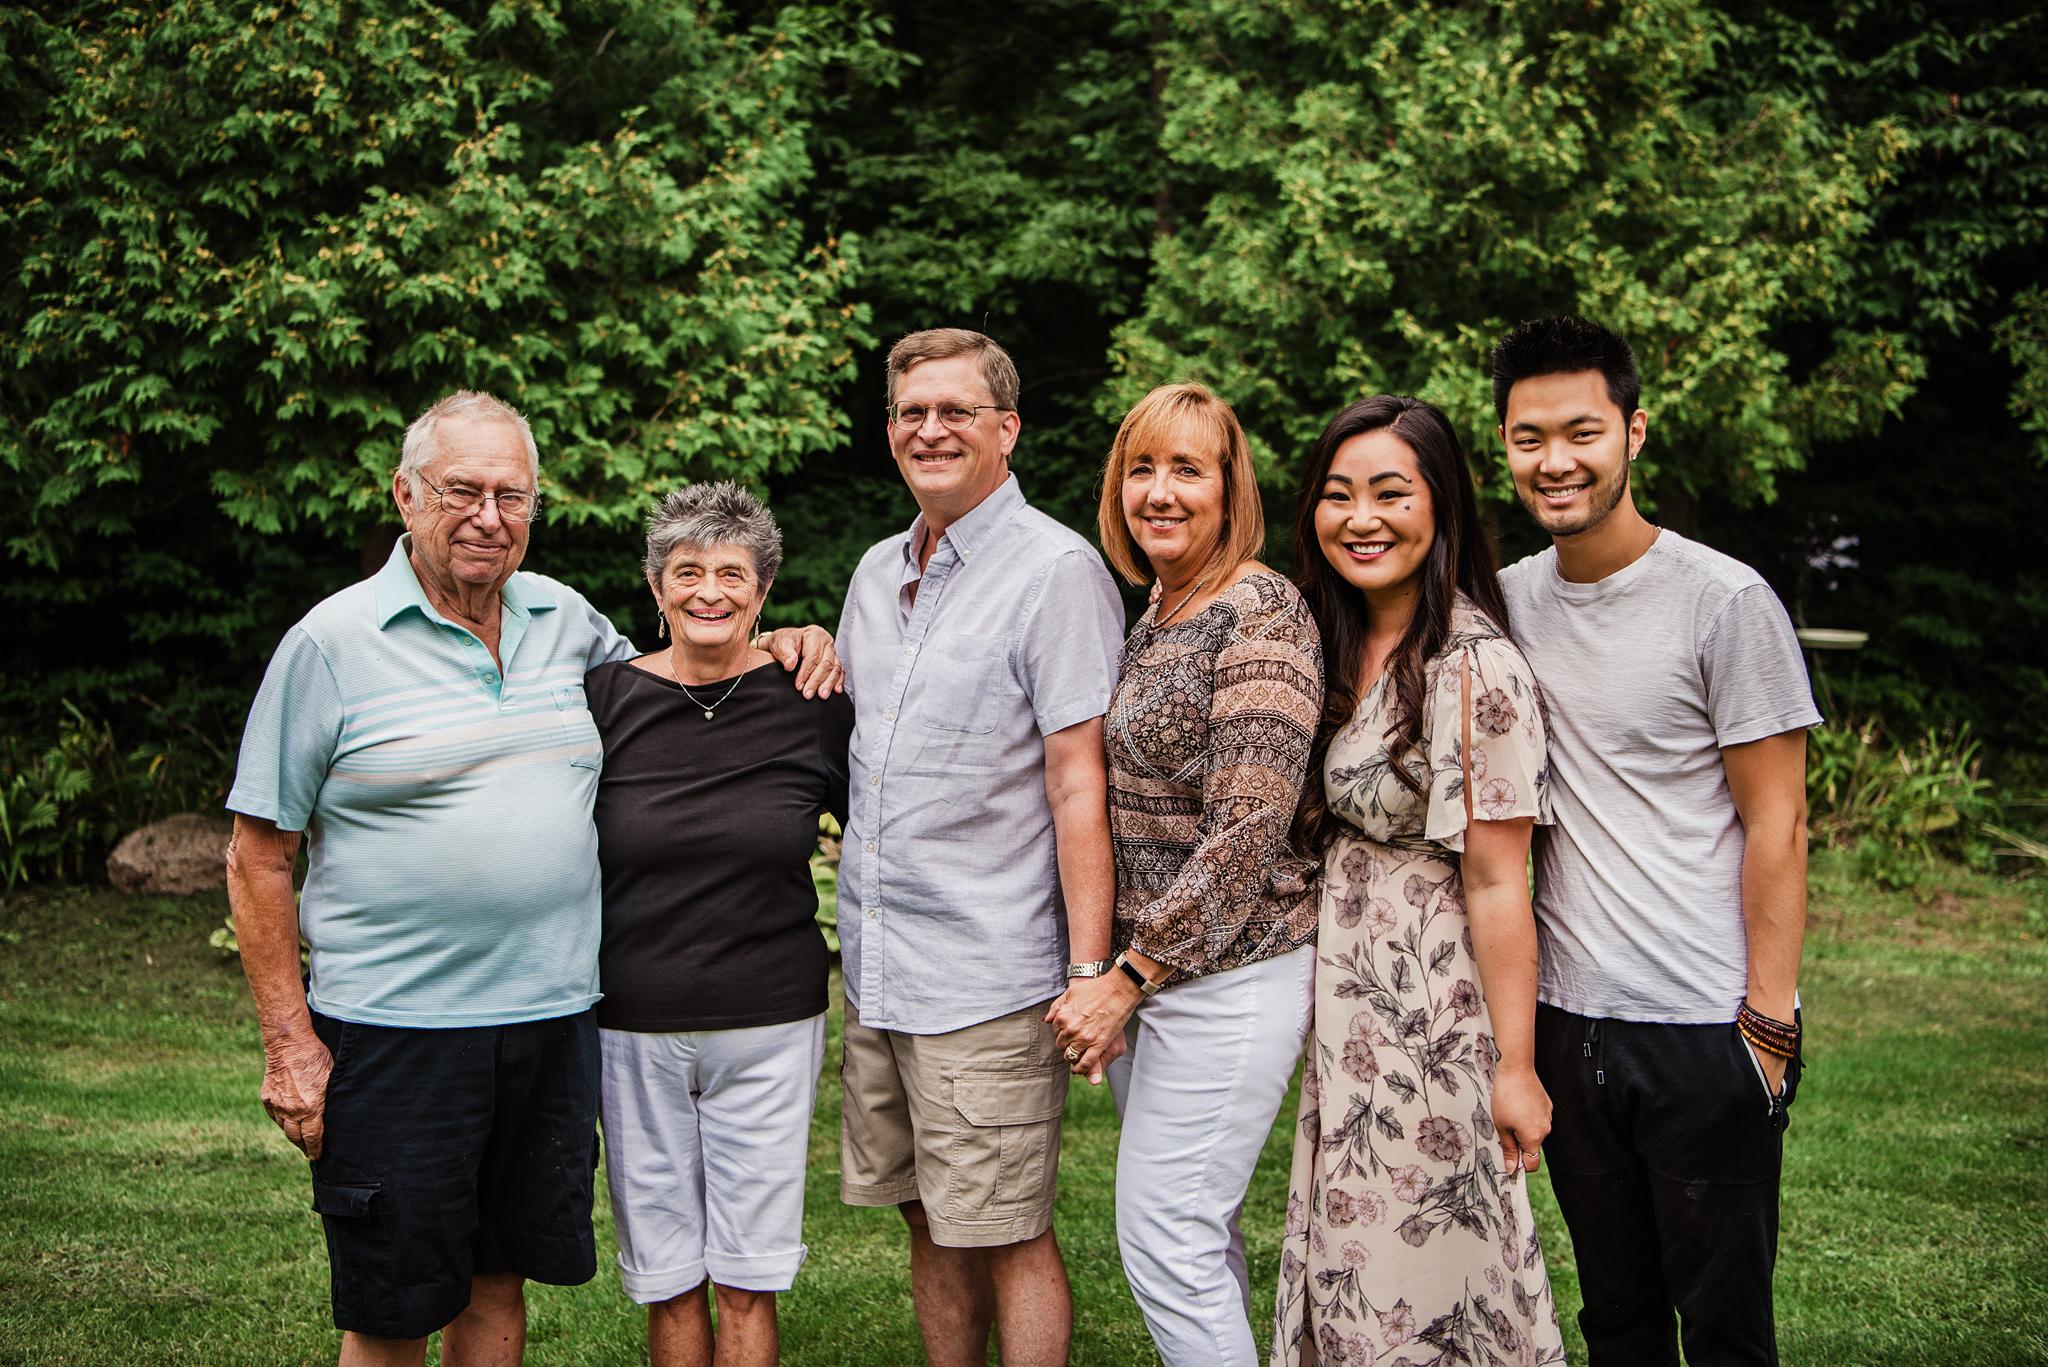 Our_Family_2019_Rochester_Family_Session_JILL_STUDIO_Rochester_NY_Photographer_DSC_5318.jpg